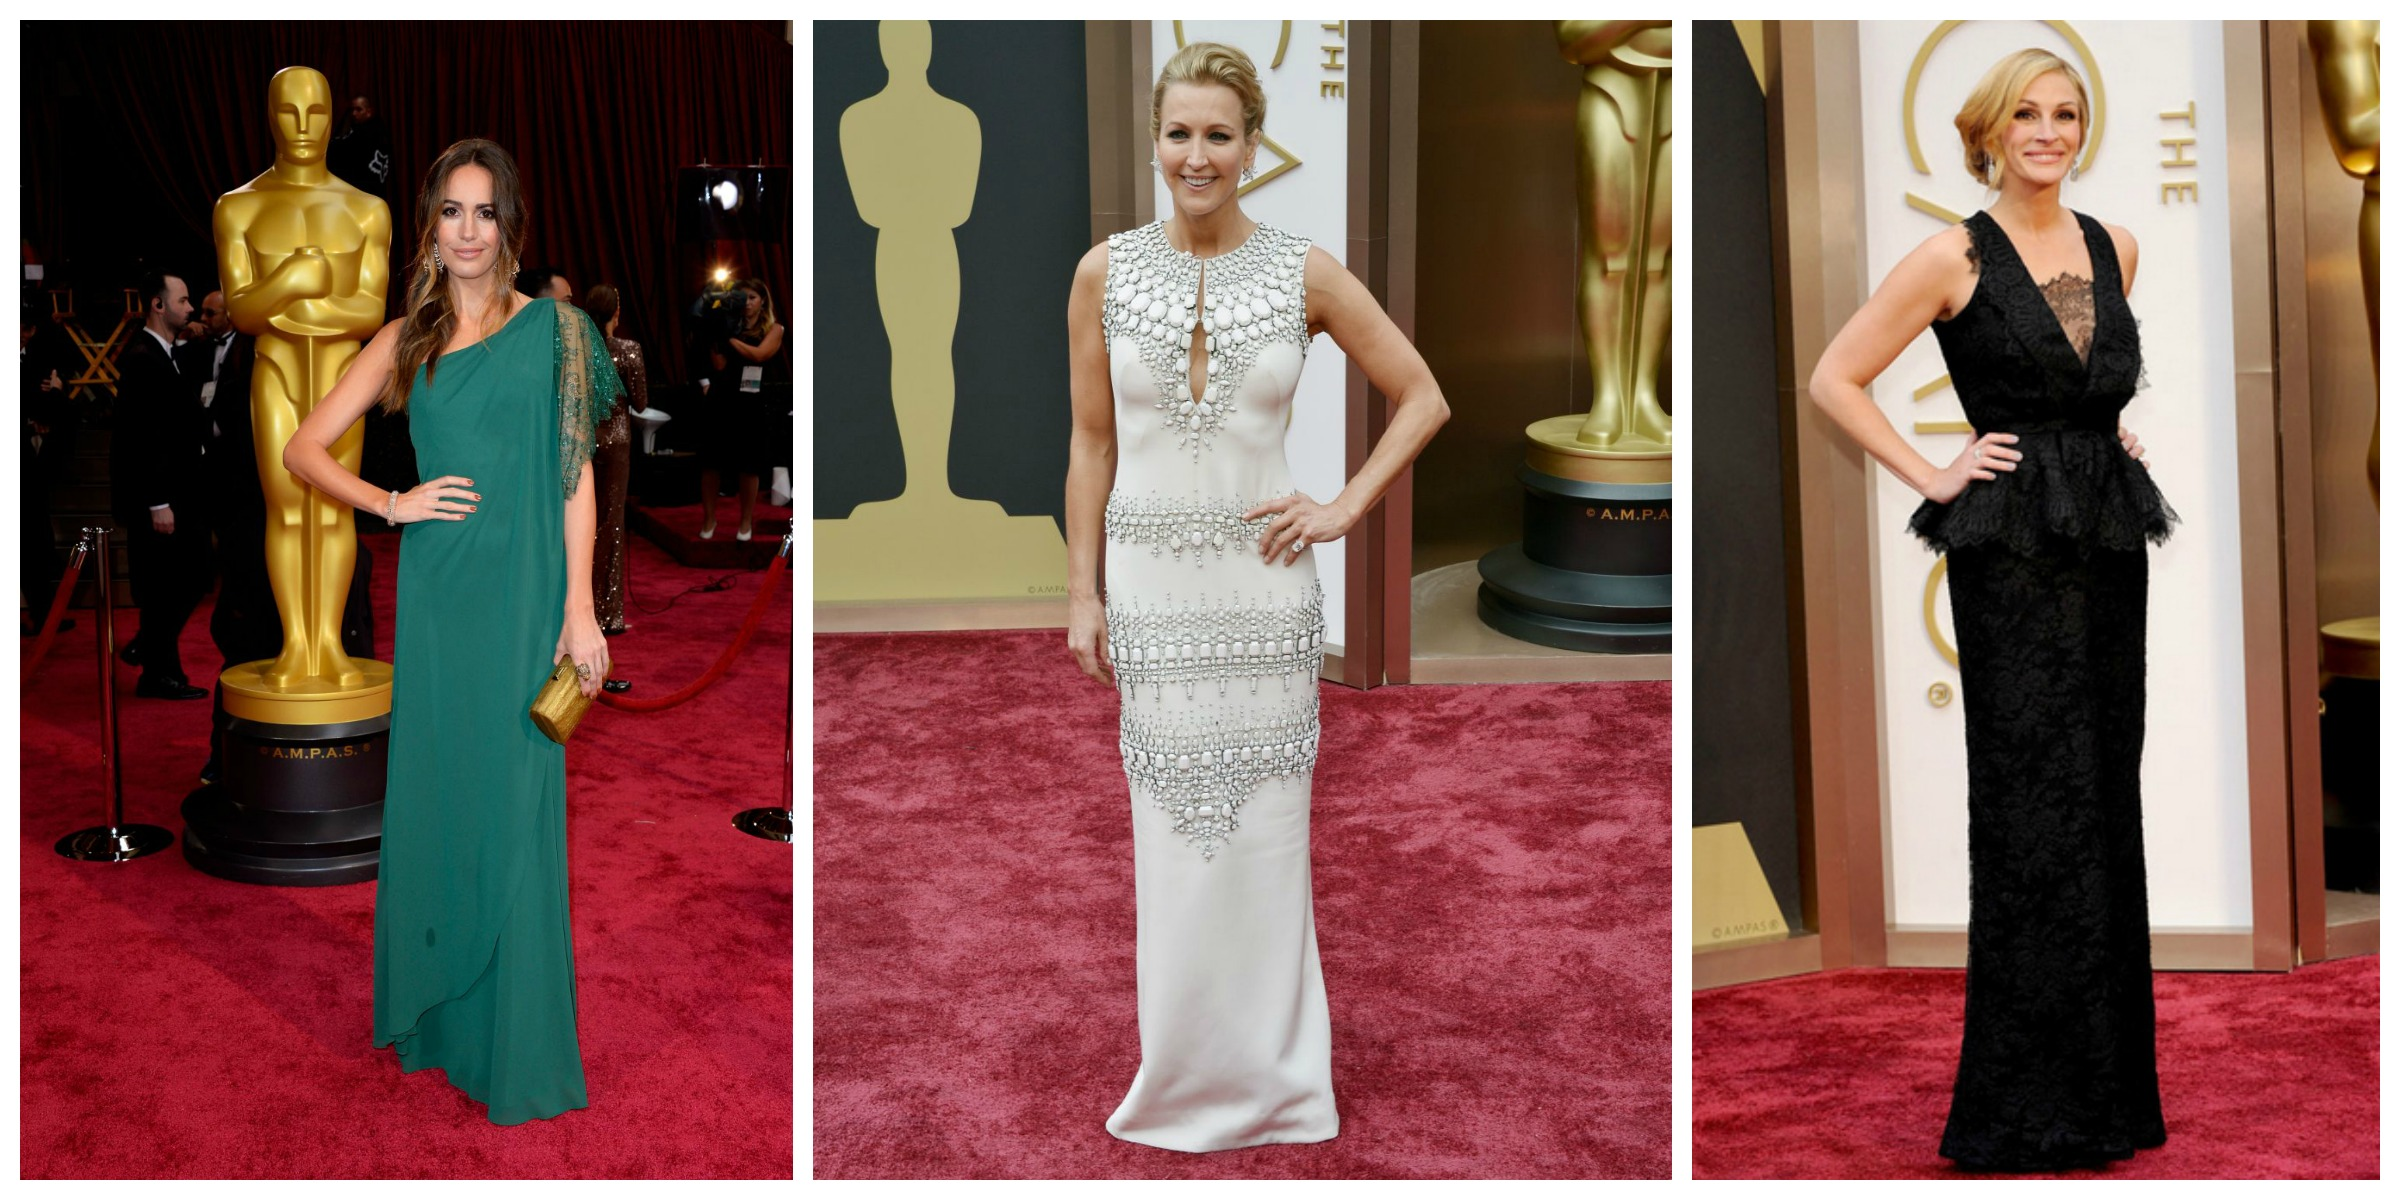 gala de los oscar 2014 mejores vestidas looks estilos style outfit ganadores vith consultoria de moda antonio pozuelo diseñador español (3)